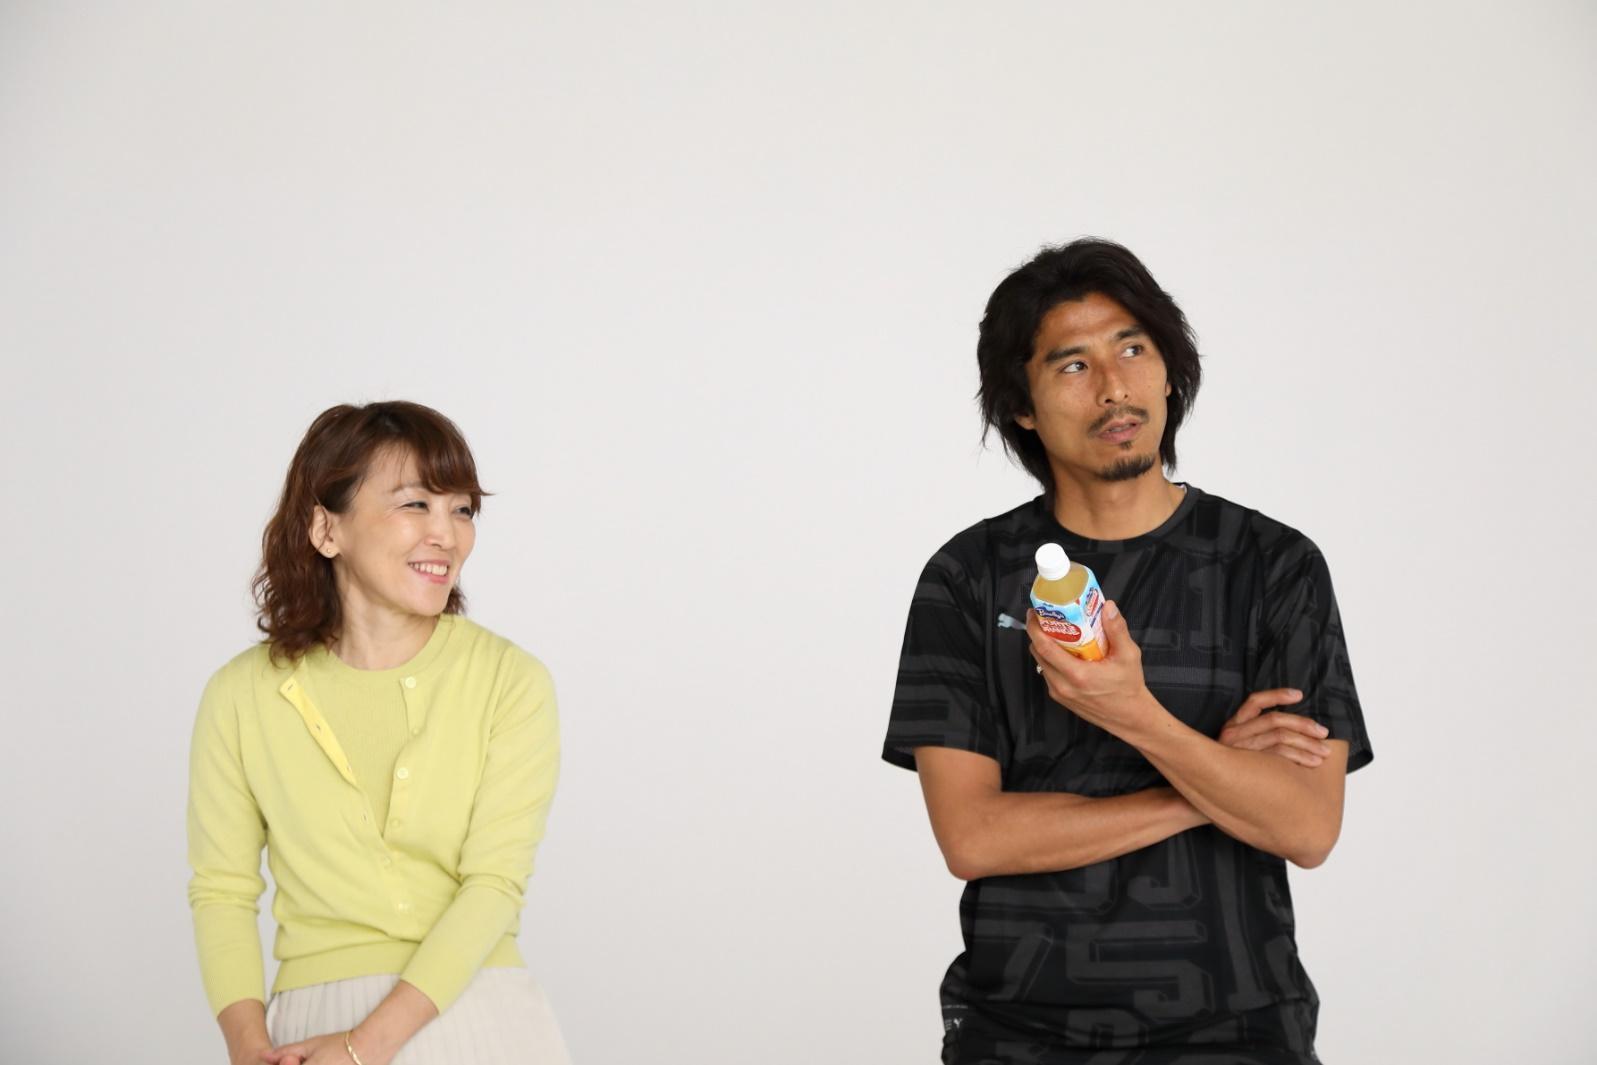 中澤佑二も実践していた栄養補給法。オレンジジュースが運動時に最適な理由